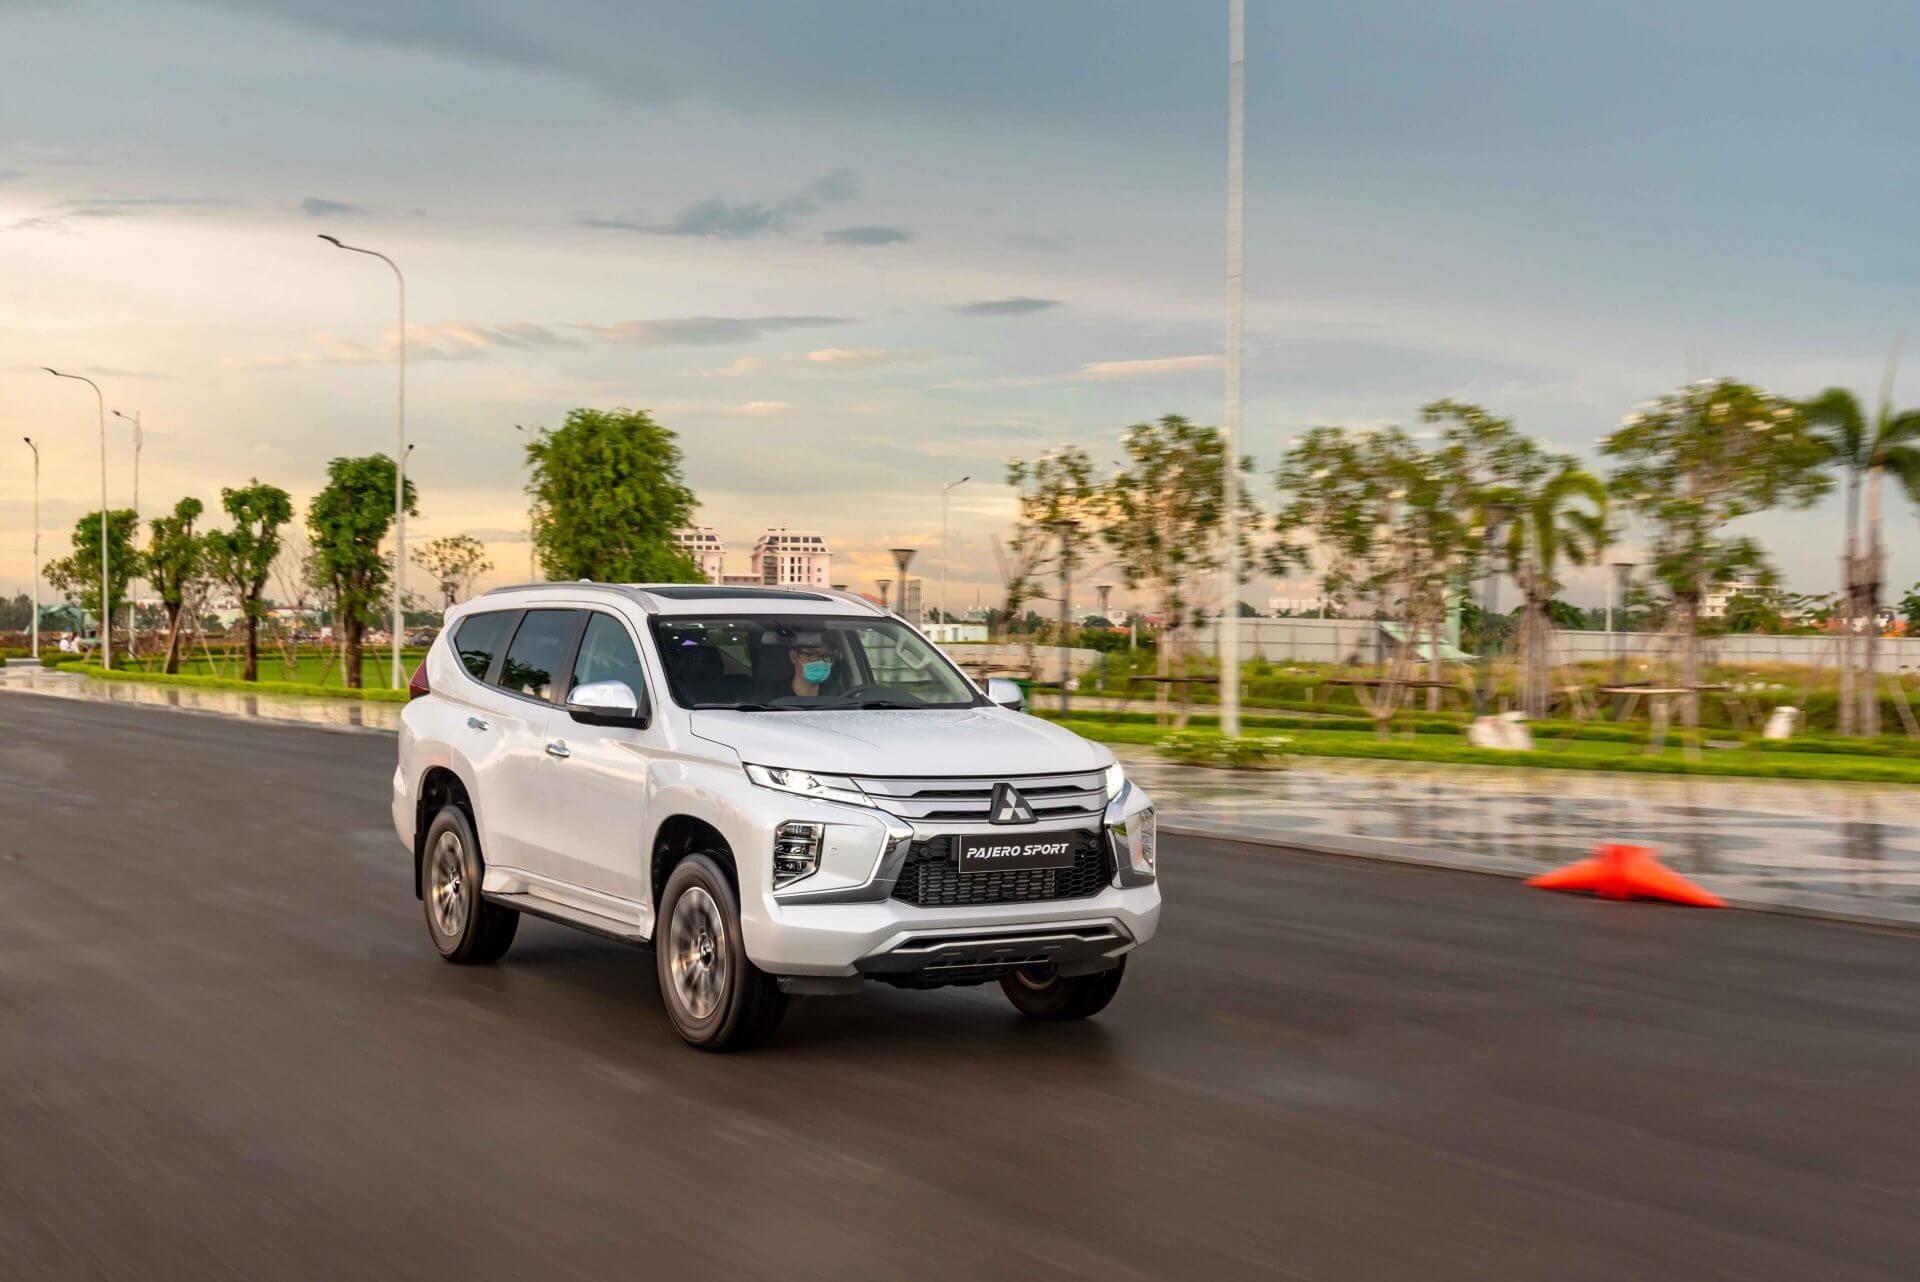 Mitsubishi pajero sport 2020 mới vận hành mạnh mẽ an toàn cao cấp tiện ích thông minh - 1